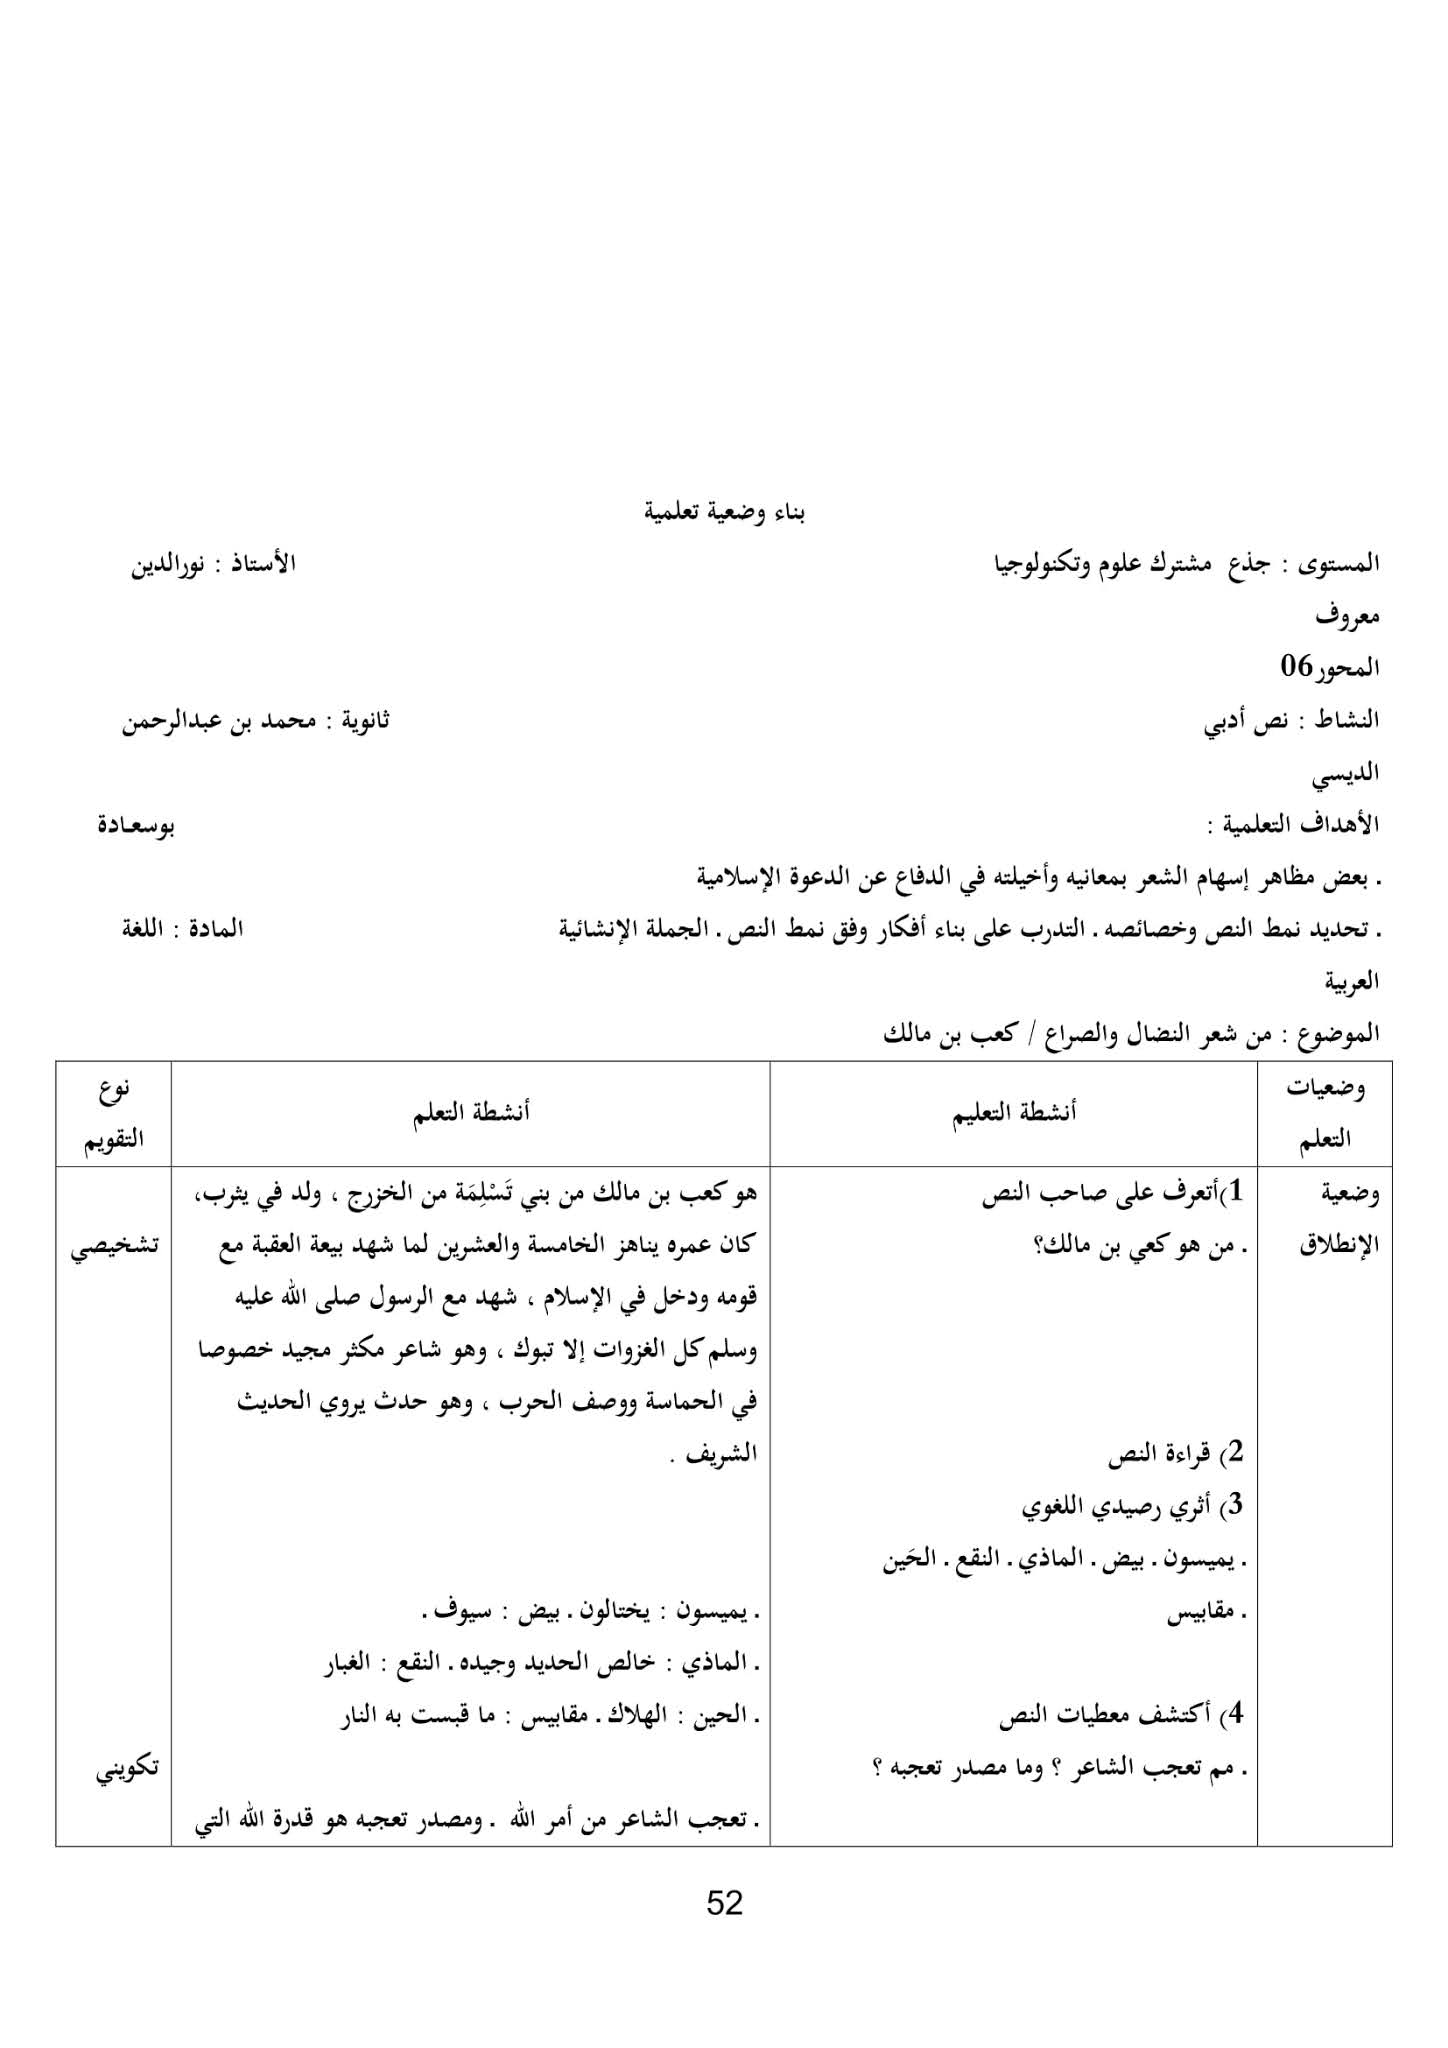 تحضير نص من شعر النضال والصراع 1 ثانوي علمي